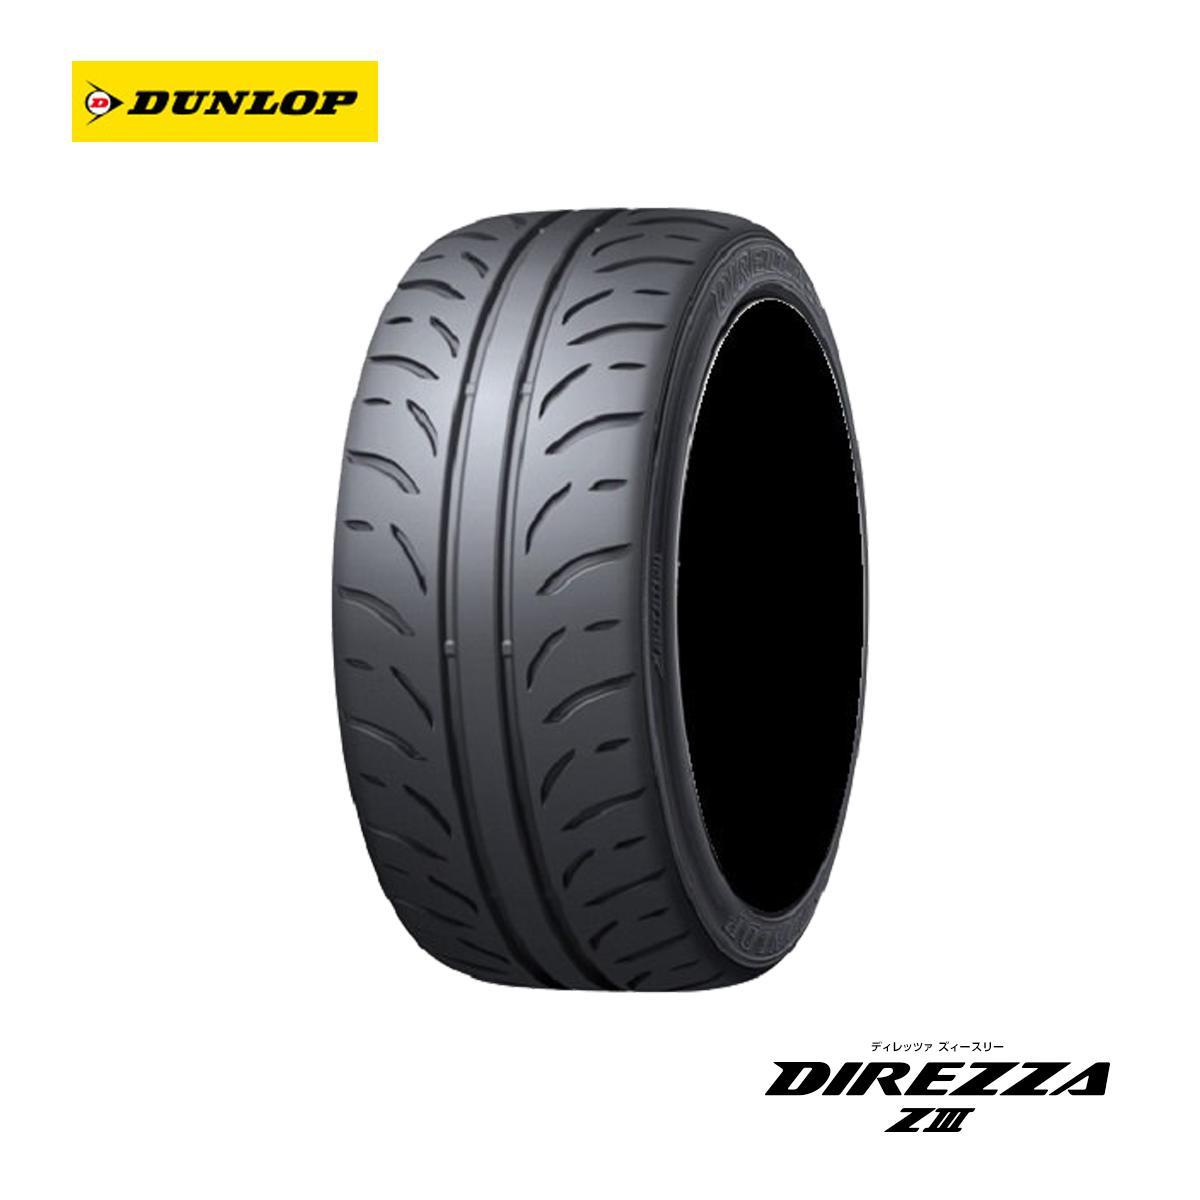 DUNLOP ダンロップ サマータイヤ 4本 セット 18インチ 285/30R18 DIREZZA Z3 ディレッツァ